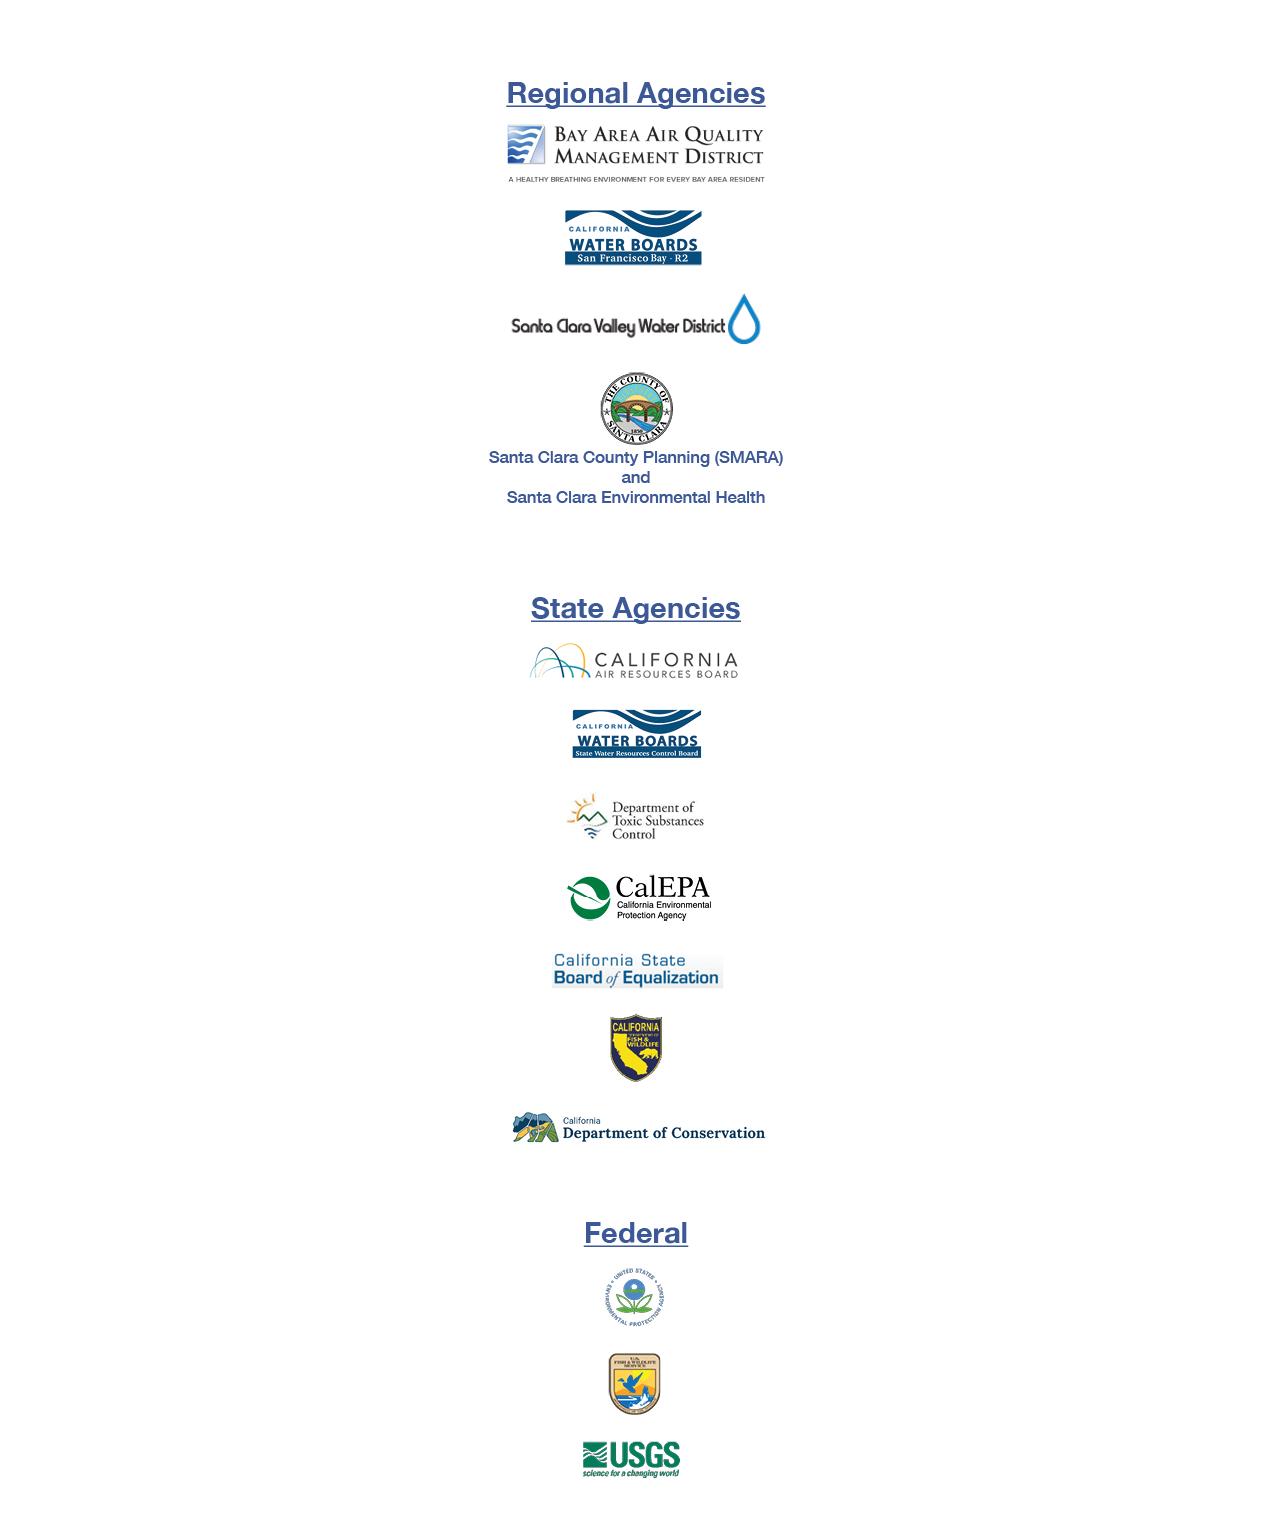 Concrete_Agencies_chart_alt.png